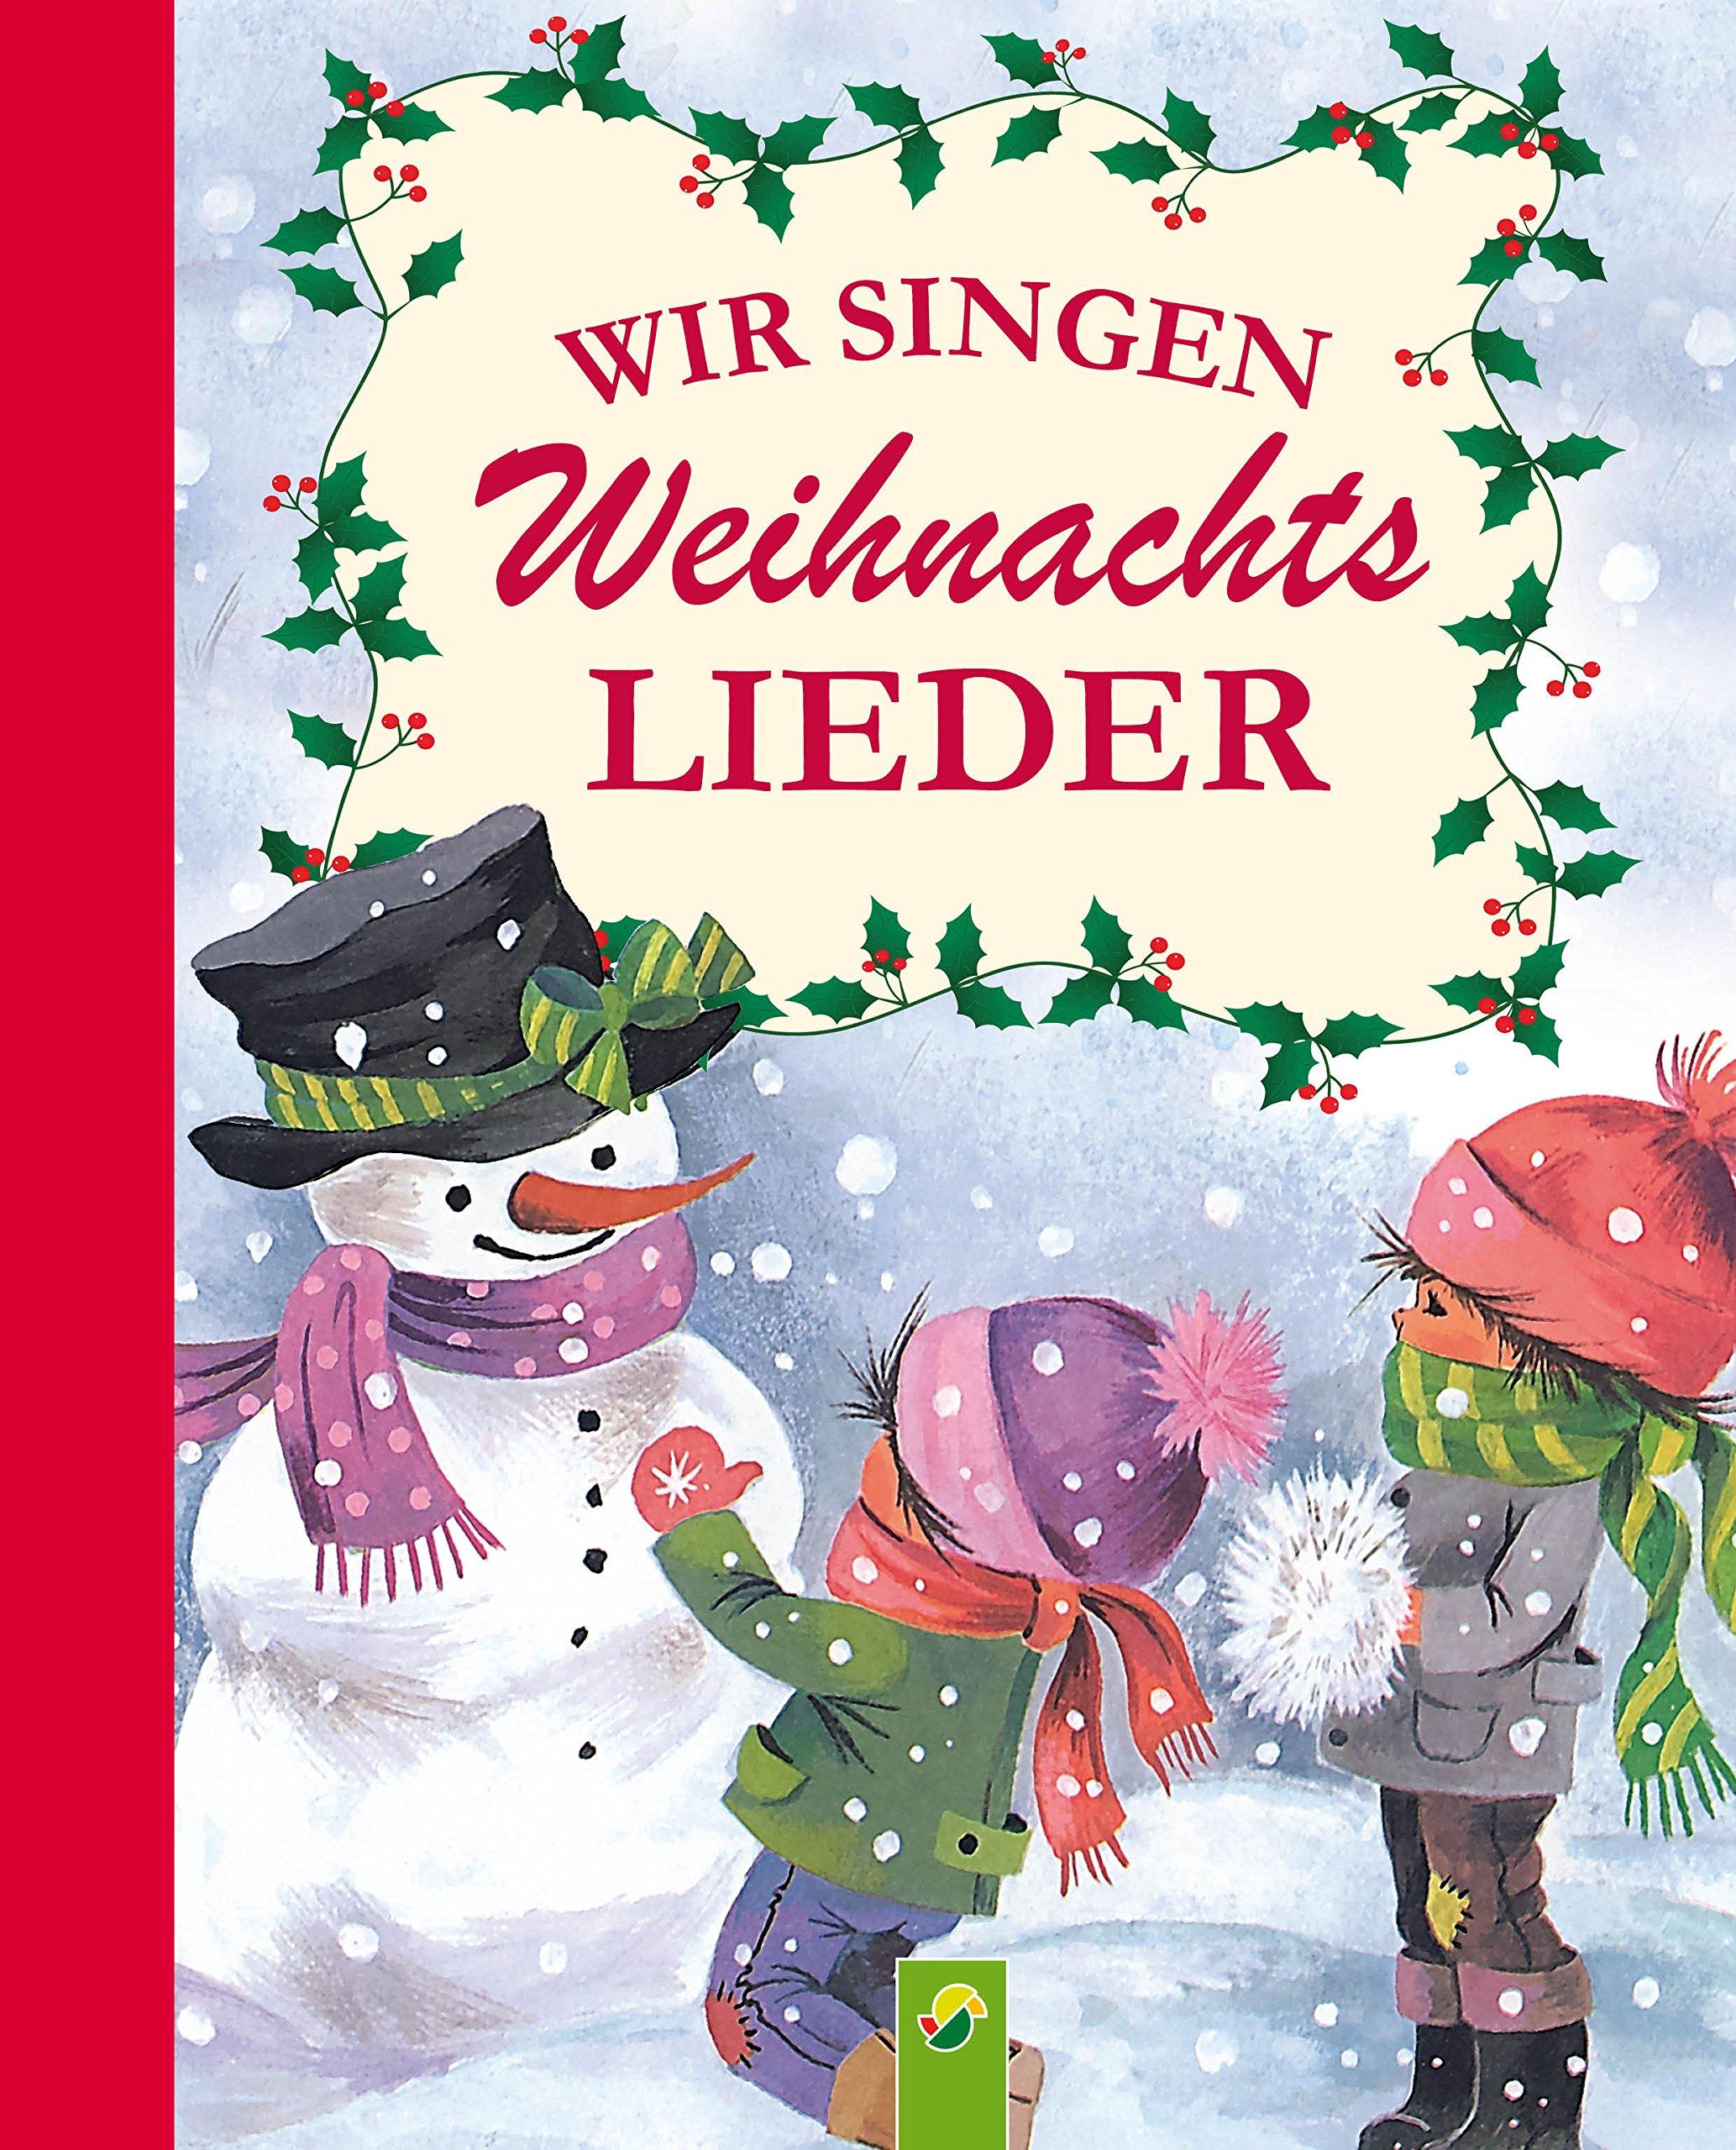 Wir Singen Weihnachtslieder  Die Schönsten Lieder Zum Singen An Weihnachten  Mit Noten   Fröhliche Kinderweihnacht